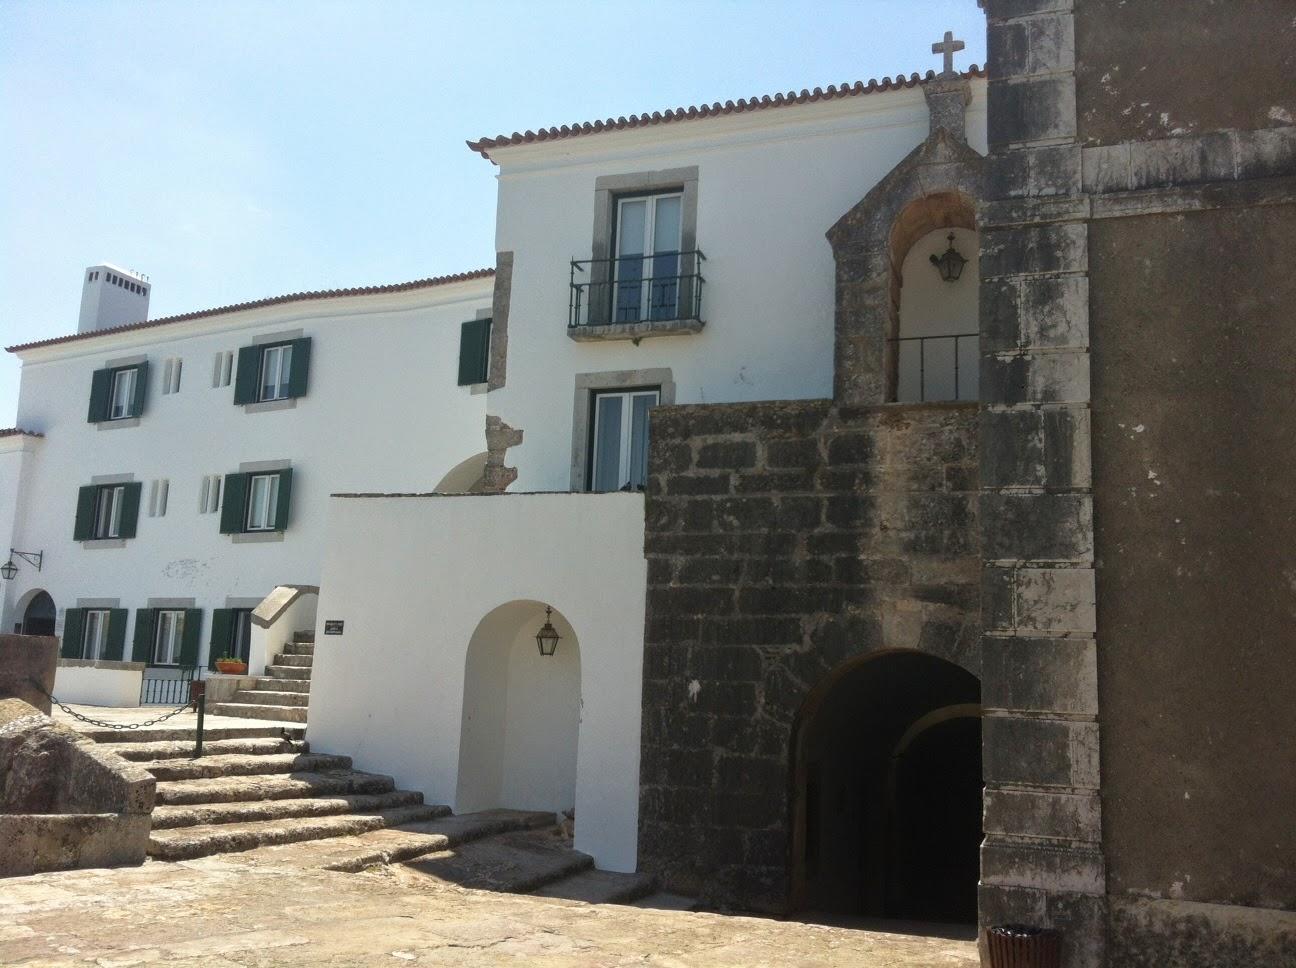 Comissão Trabalhadores em visita à Pousada de São Filipe, Setúbal